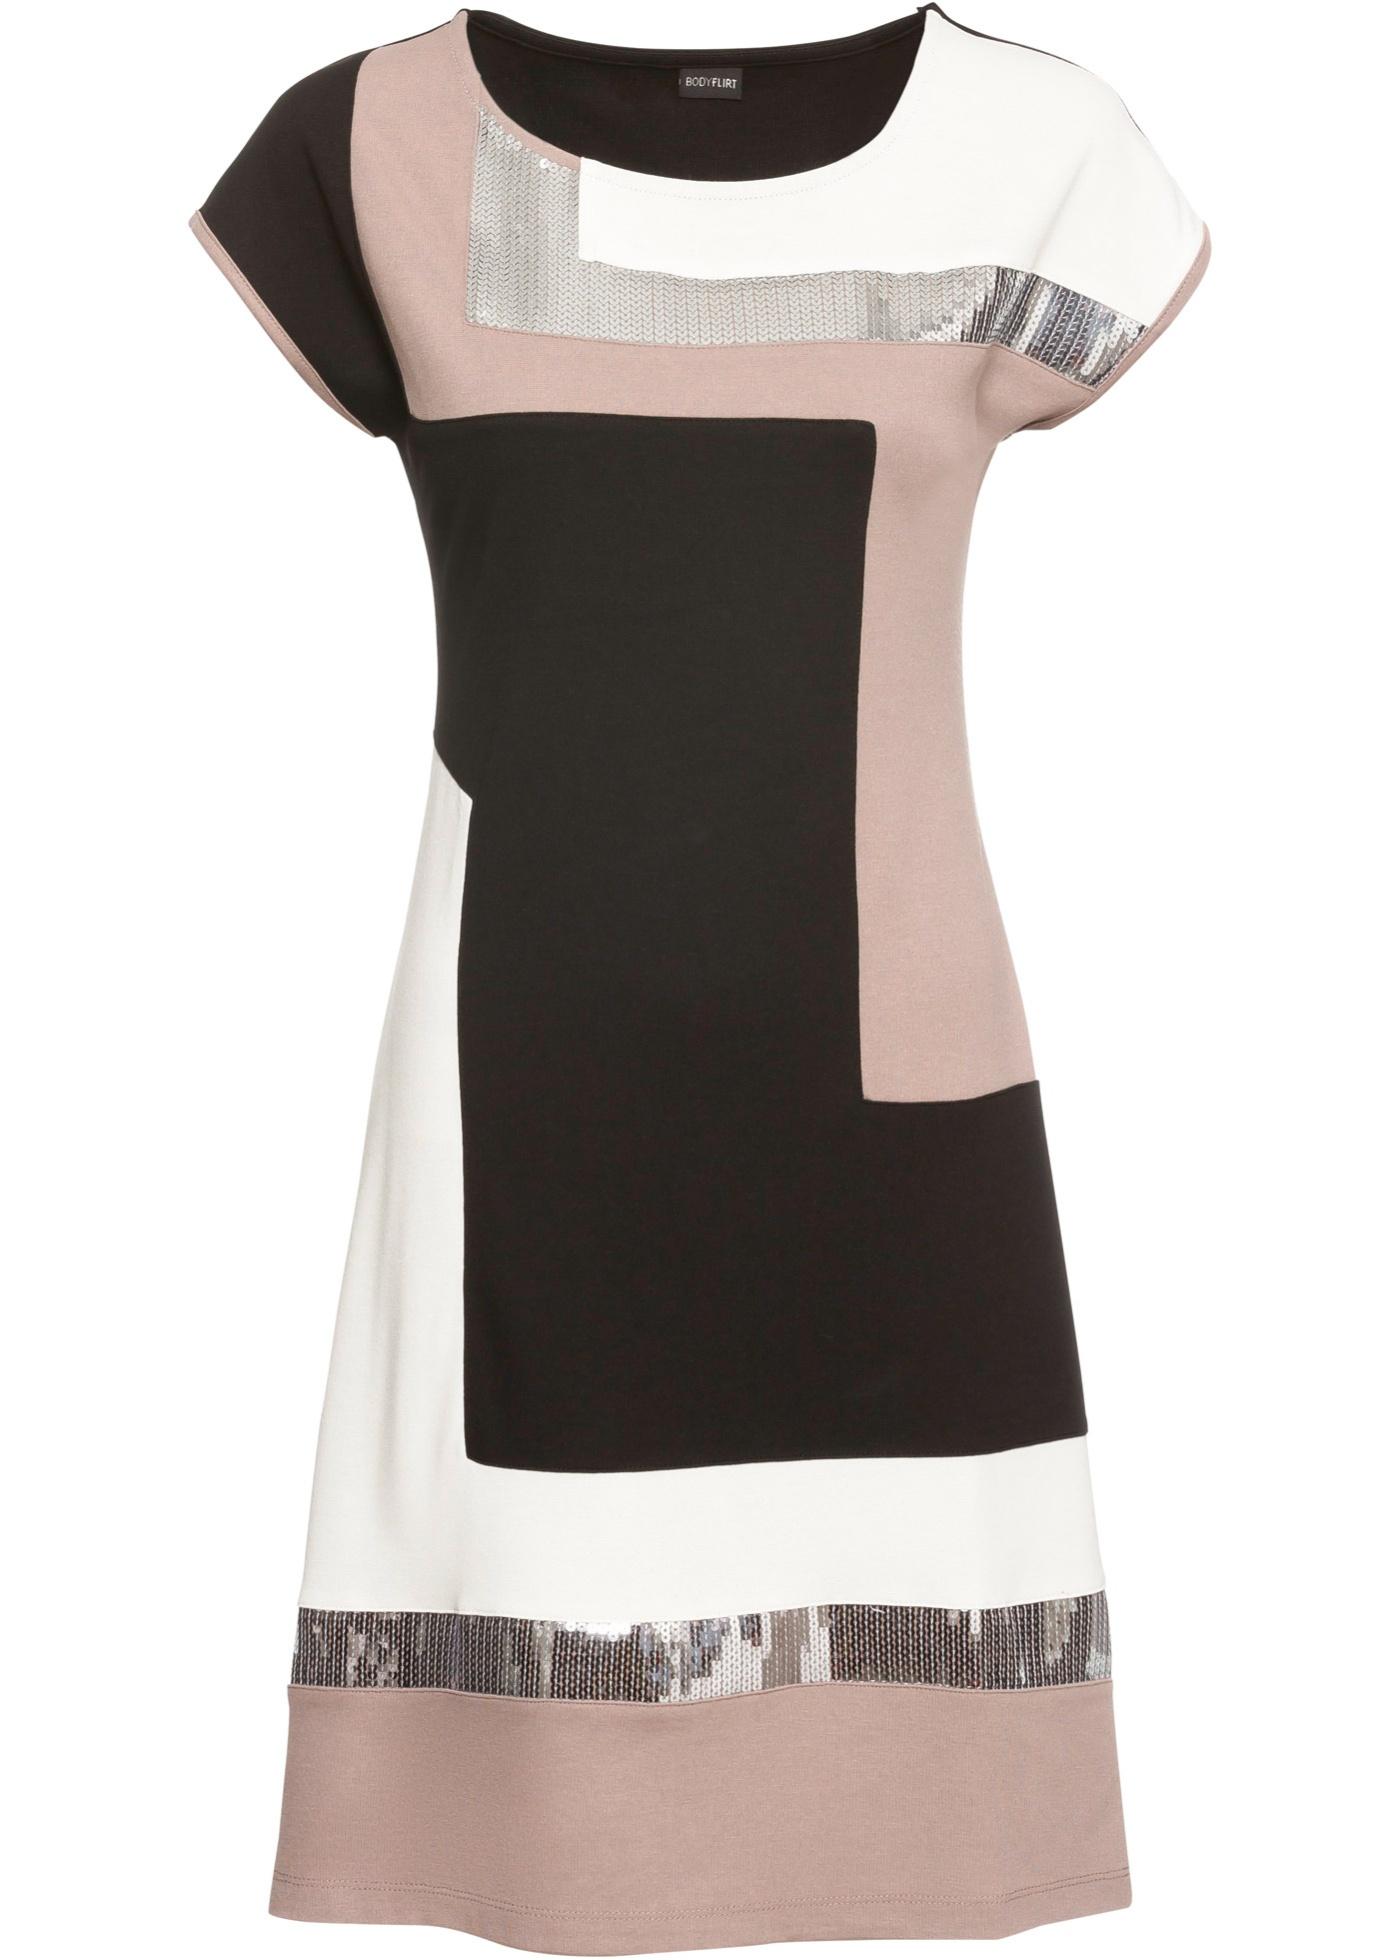 Bonprix  Kleider  Damenmode  Bekleidung für Frauen